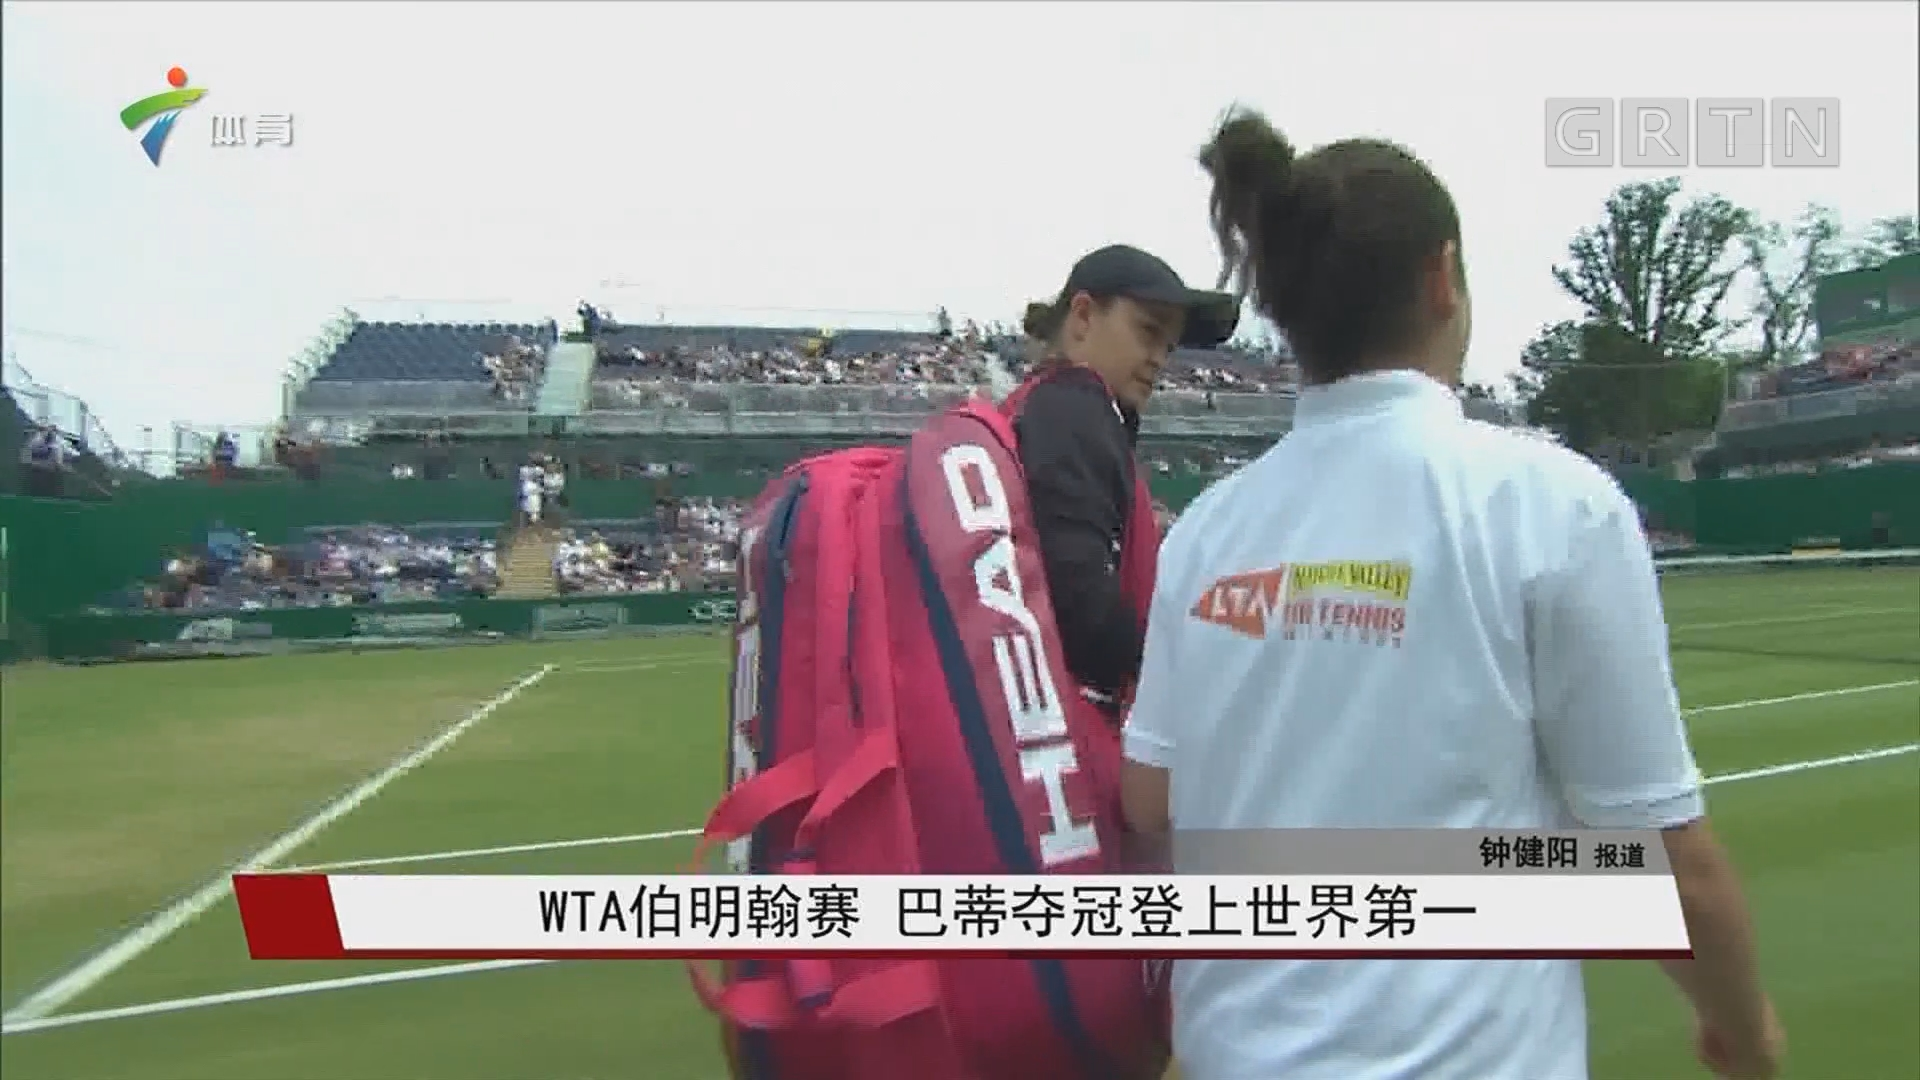 WTA伯明翰赛 巴蒂夺冠登上世界第一